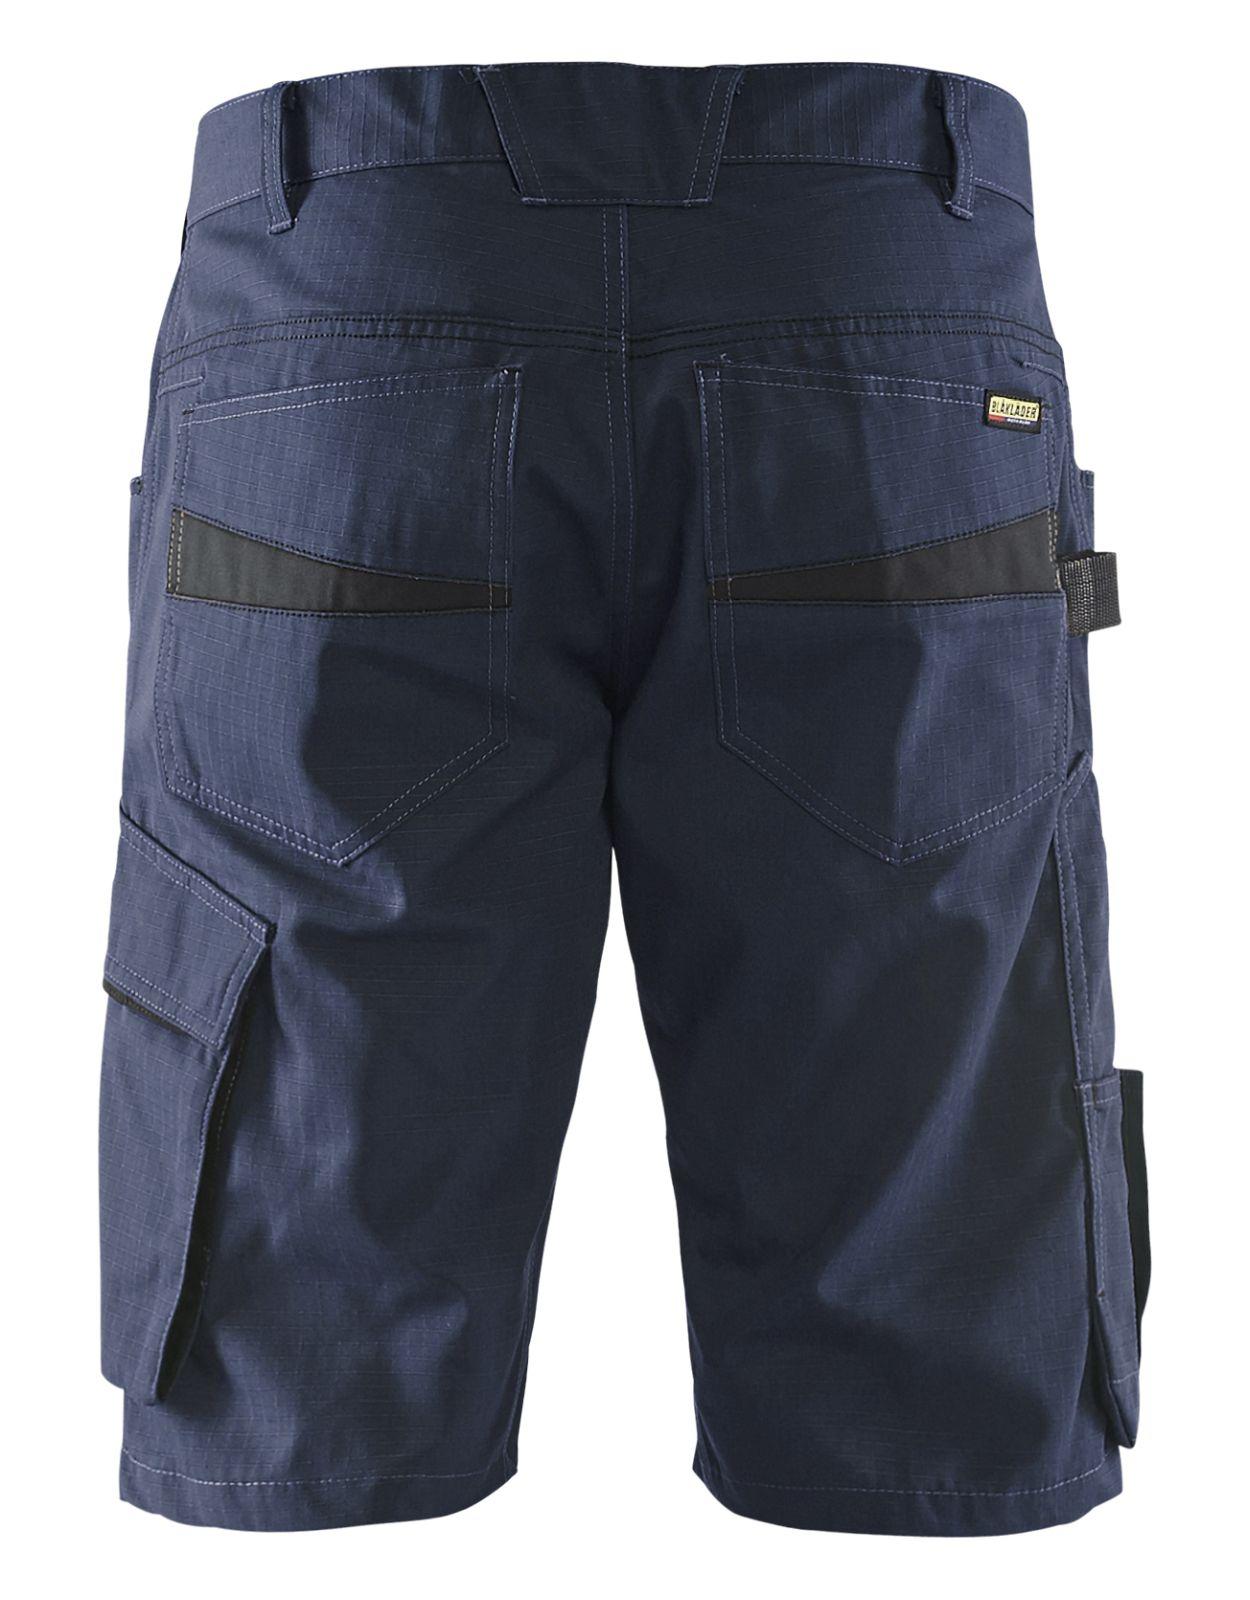 Blaklader Korte werkbroeken 14991330 donker marineblauw-zwart(8699)